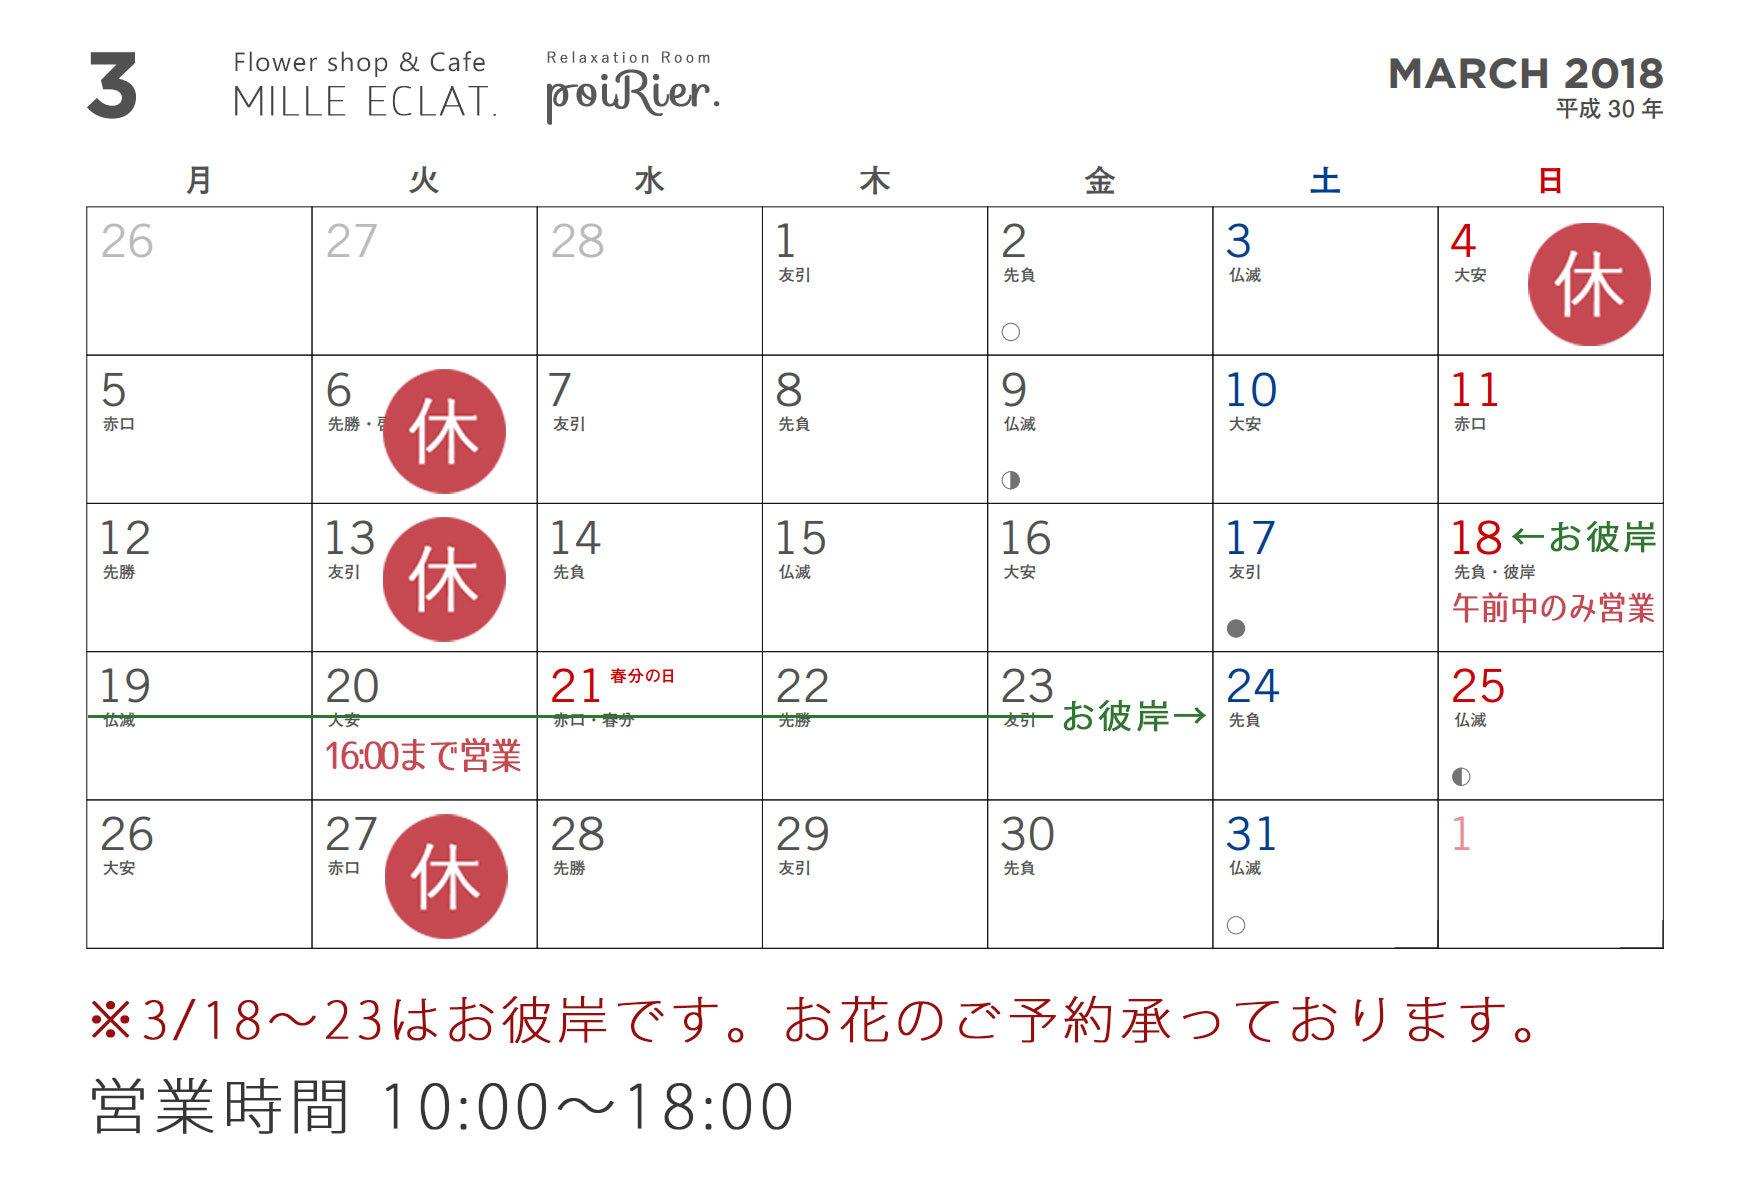 千葉県佐倉市ユーカリが丘花屋ミルエクラ.2018年3月のお休み